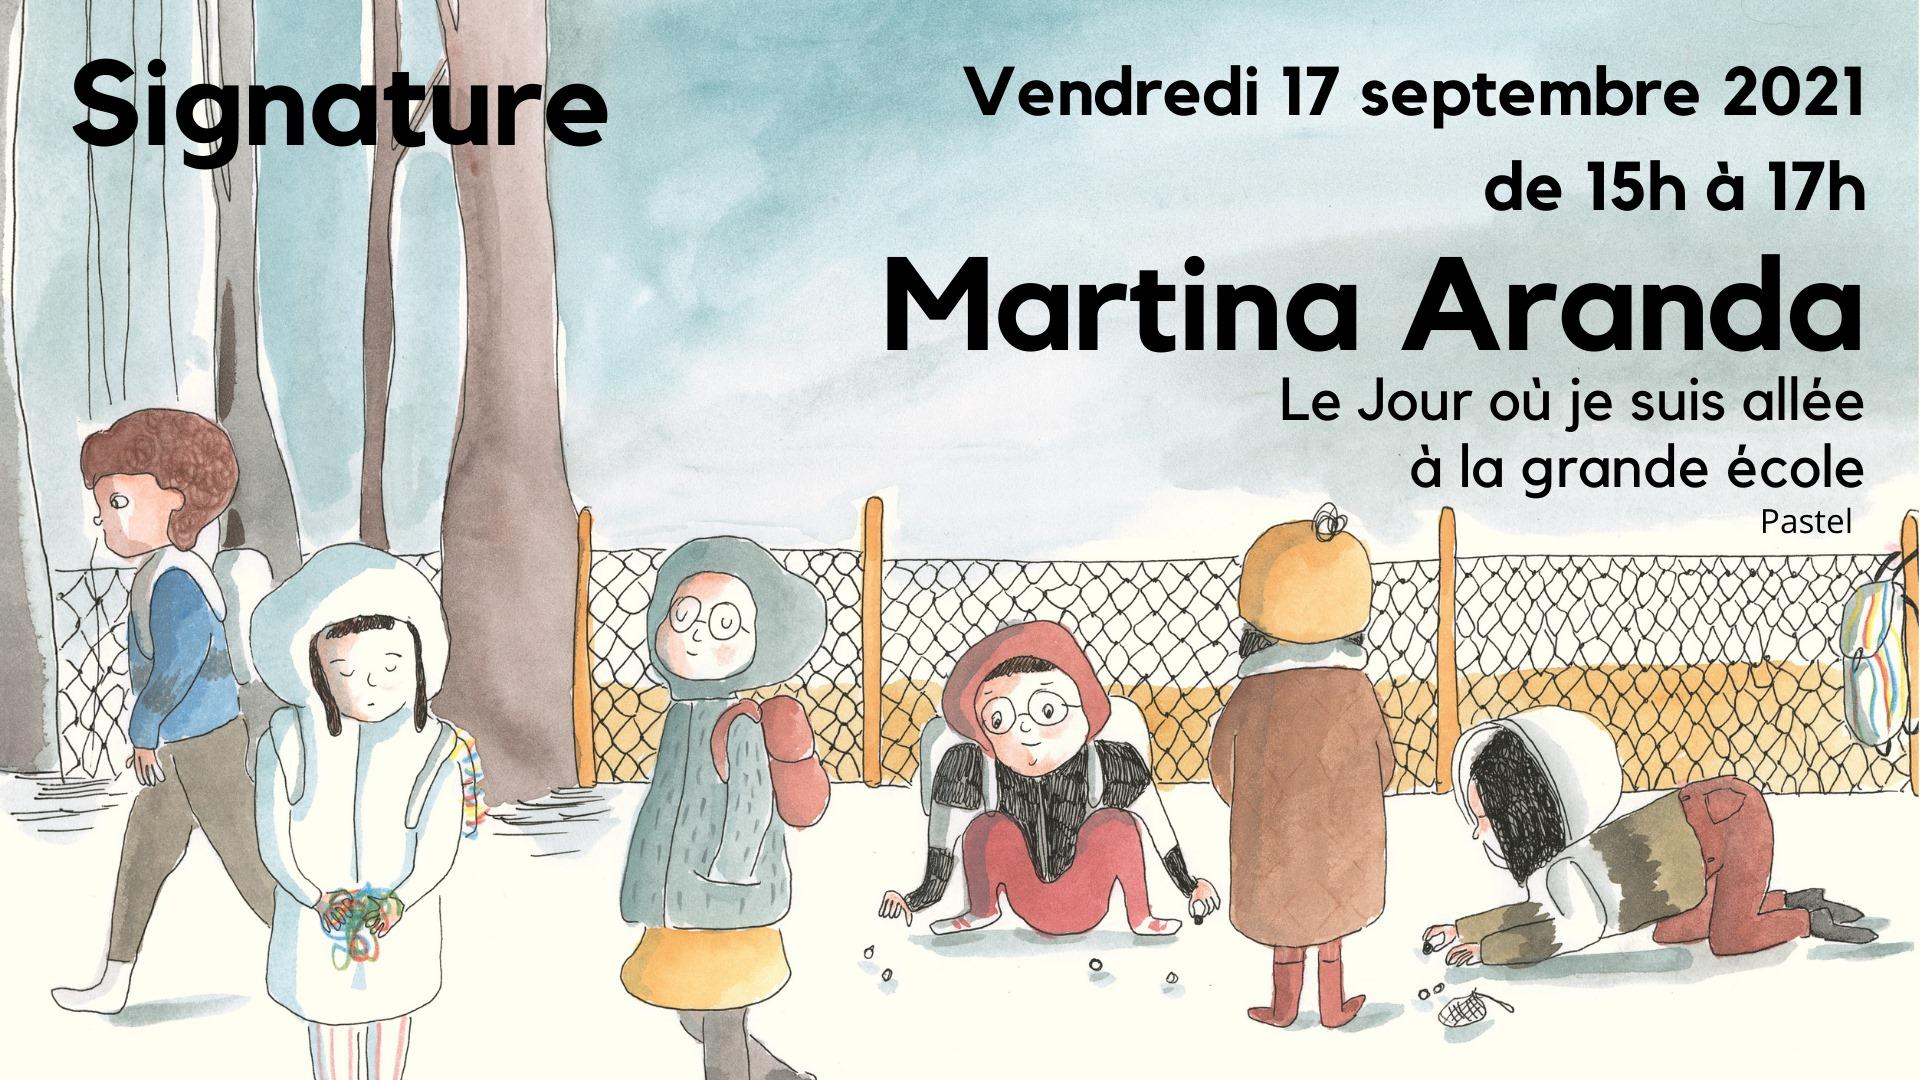 Signature de Martina Aranda